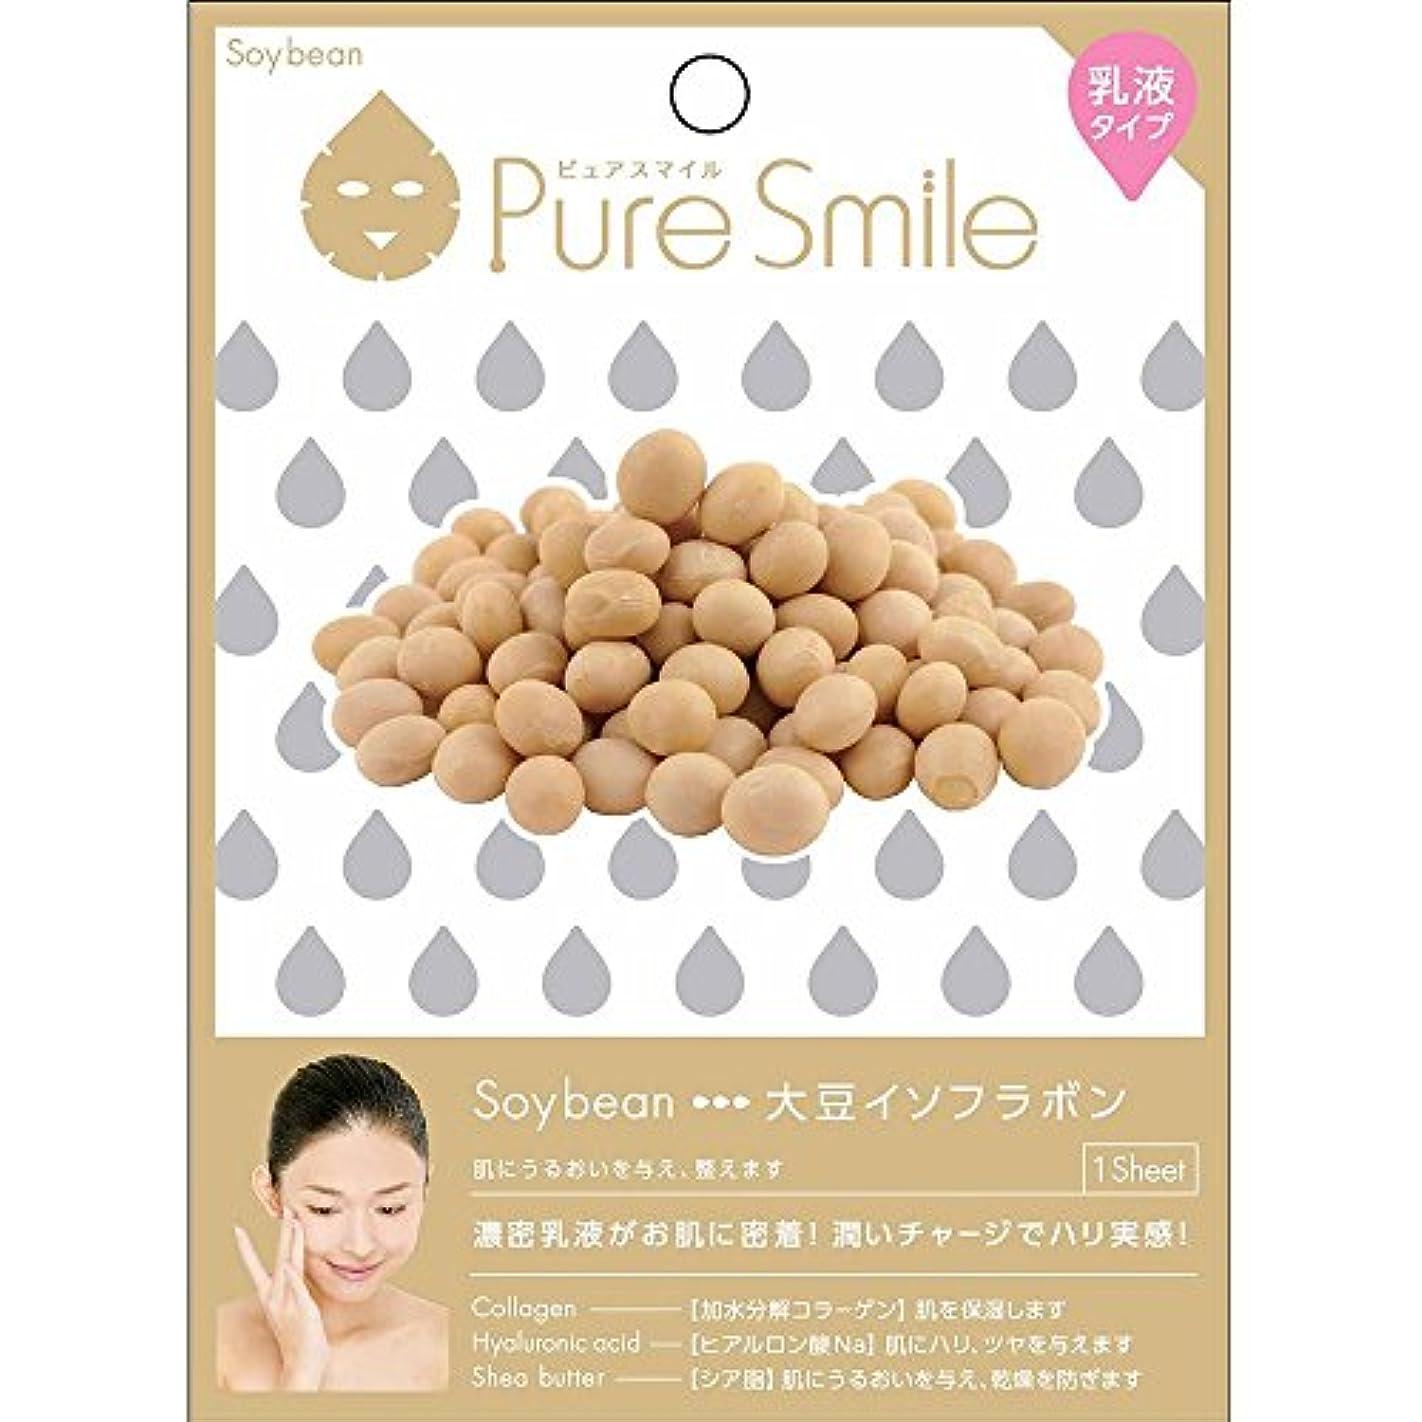 のために治療咳Pure Smile(ピュアスマイル) 乳液エッセンスマスク 1 枚 大豆イソフラボン